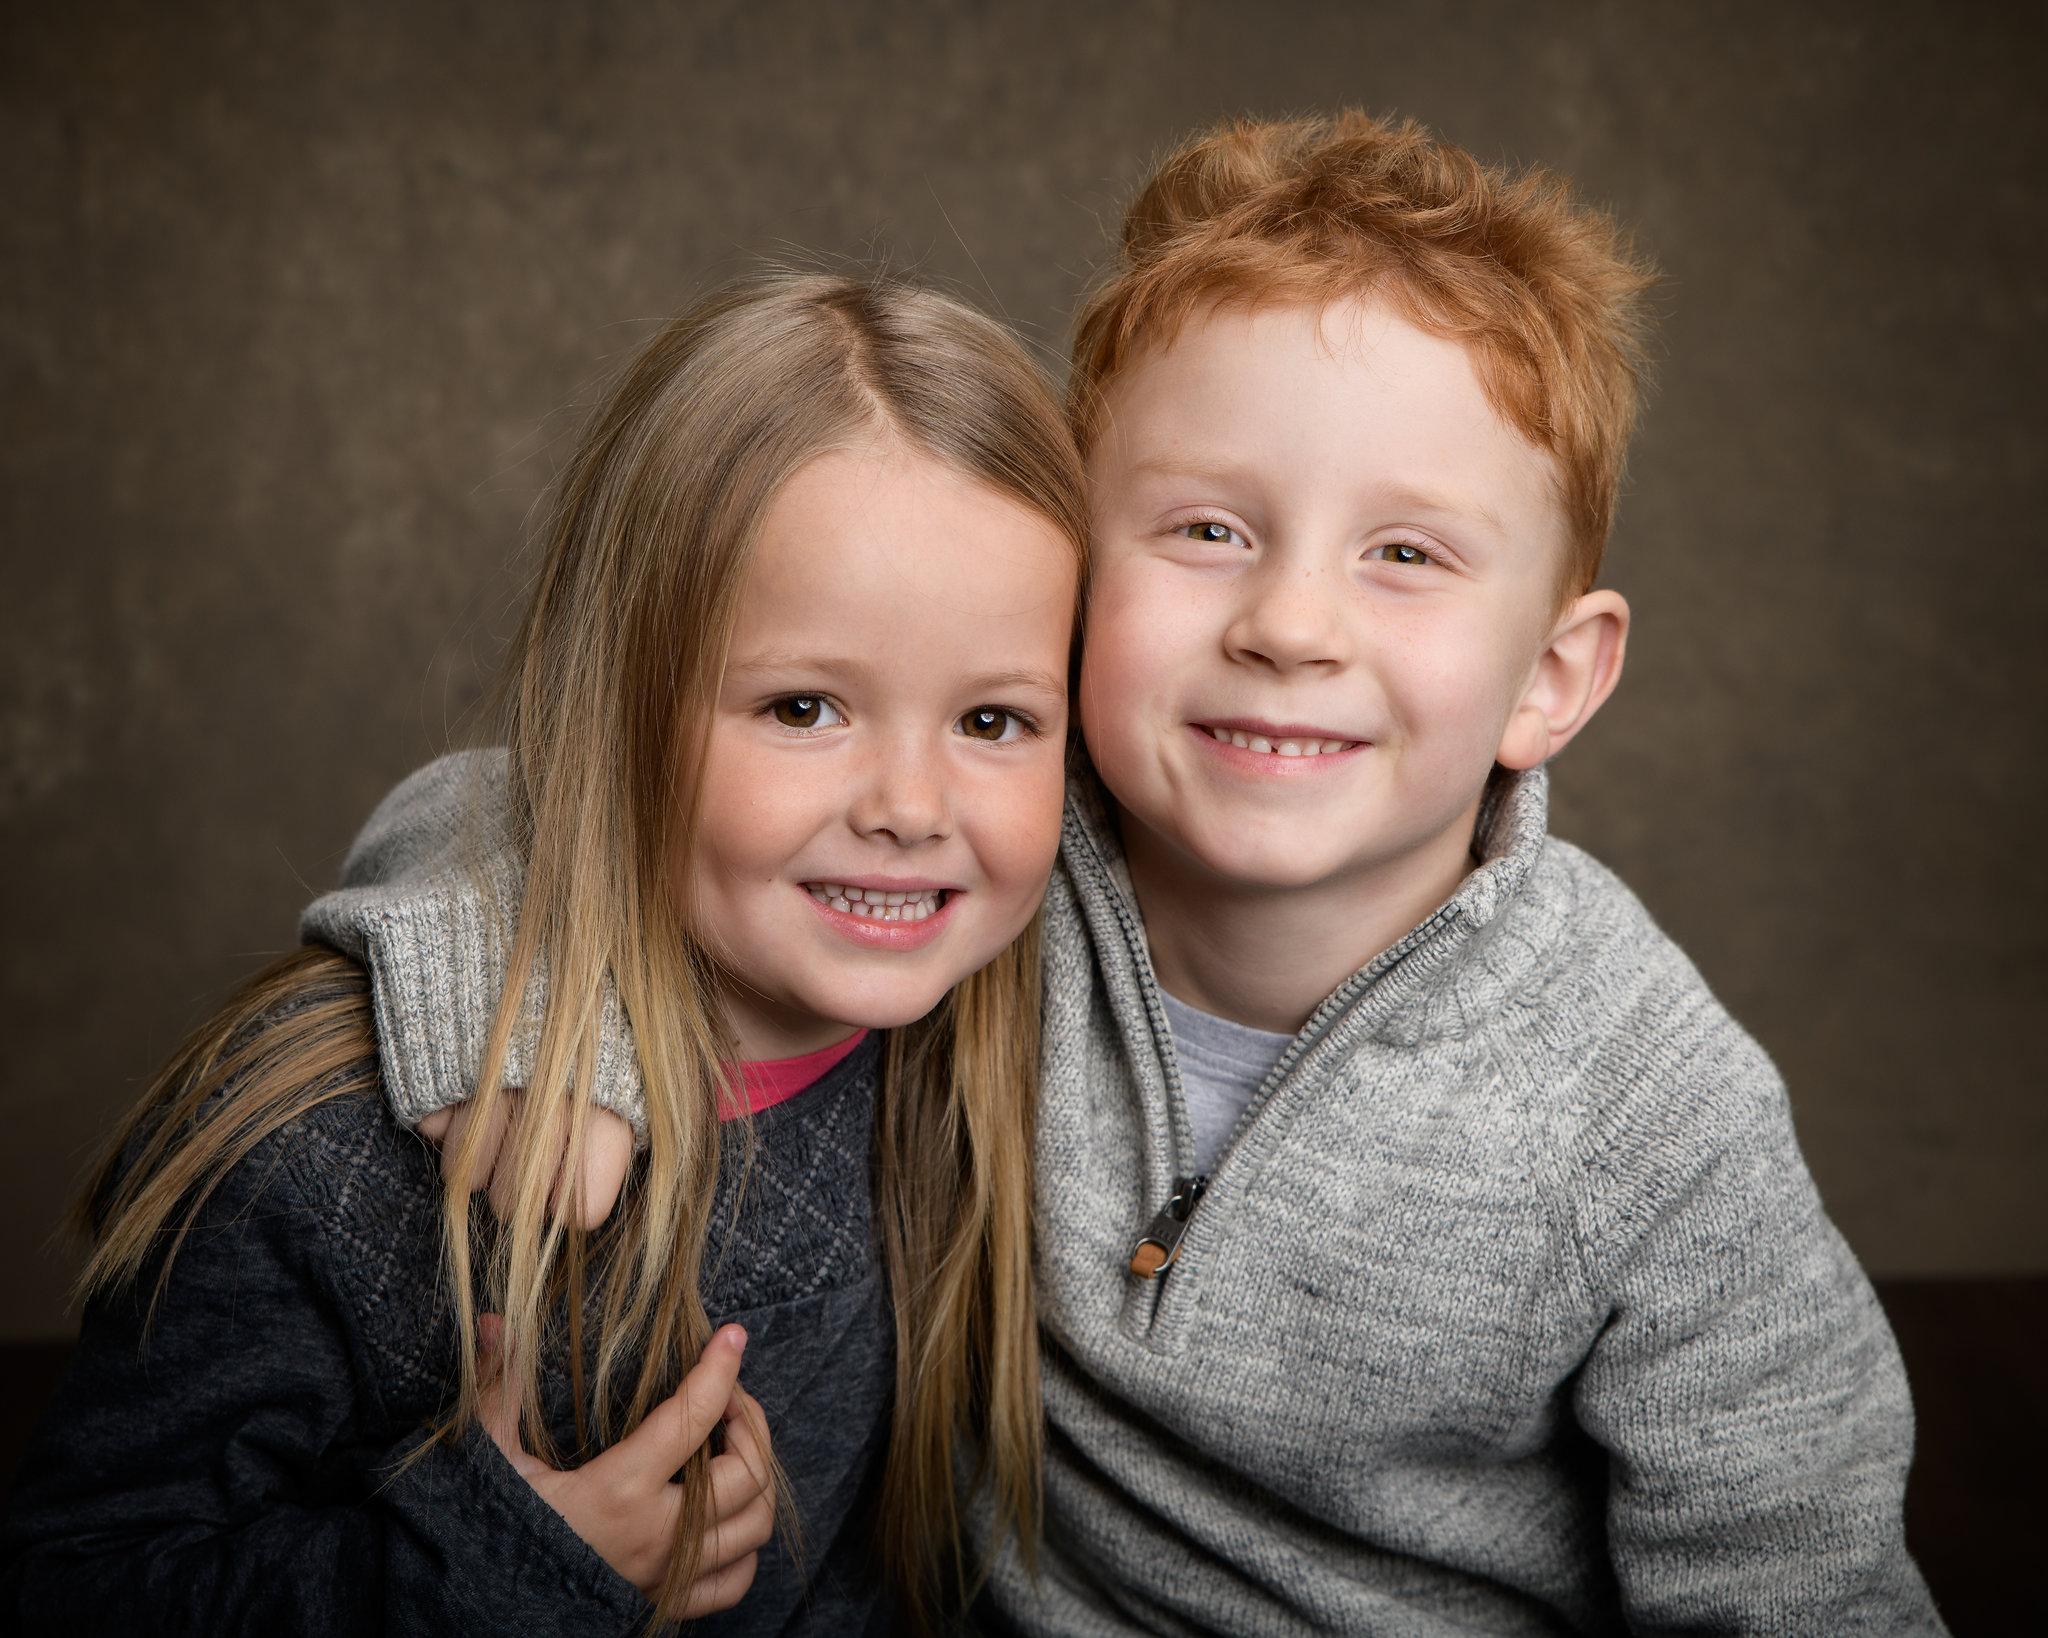 fotograf-barn